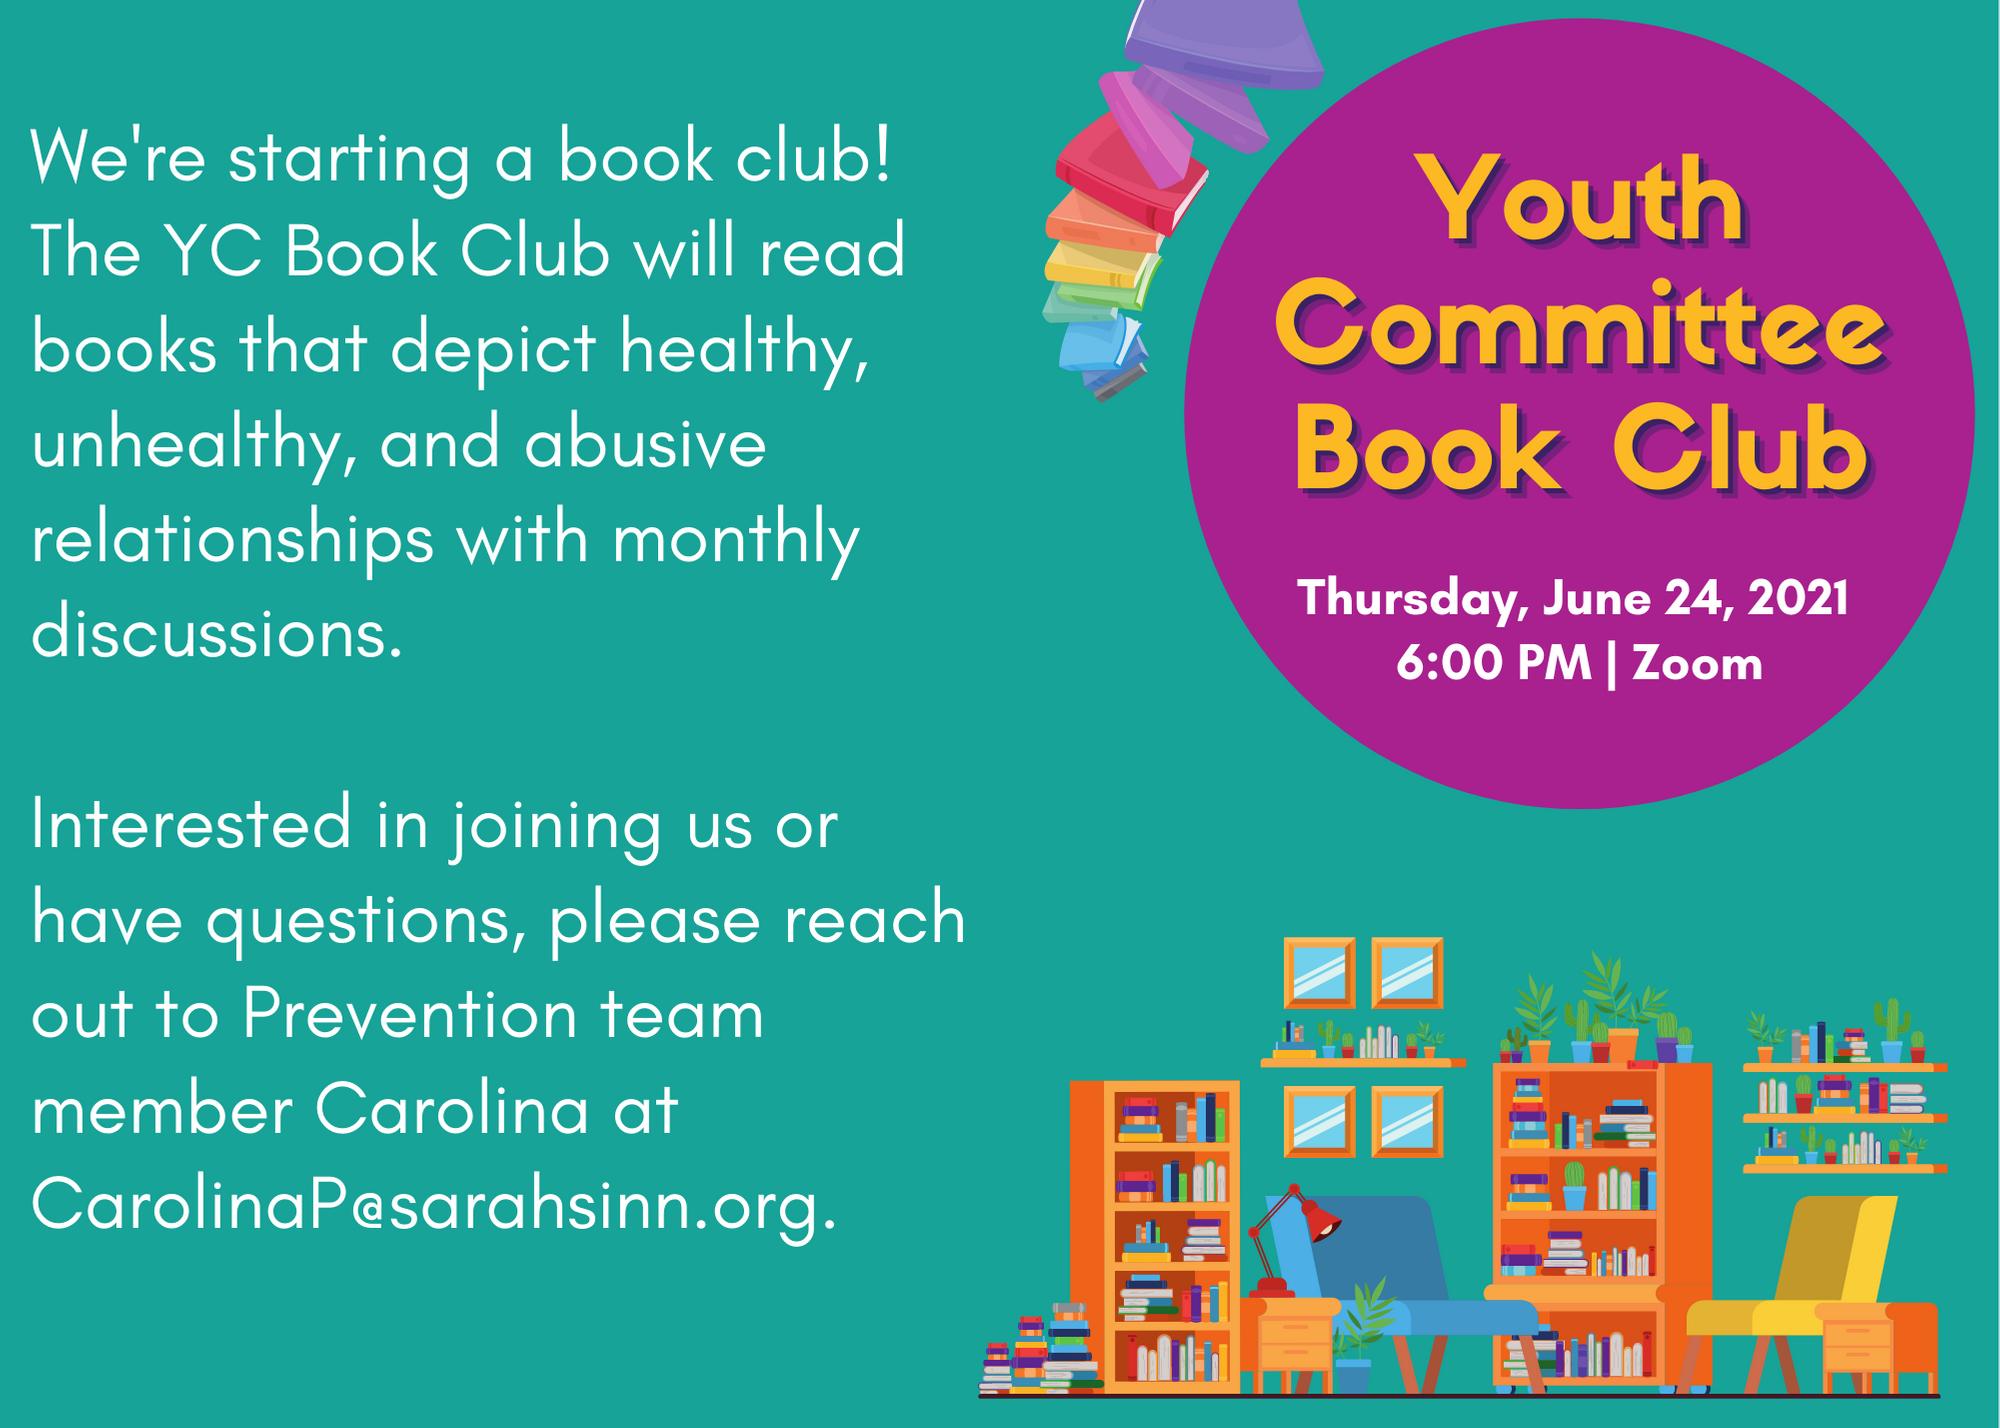 YC Book Club